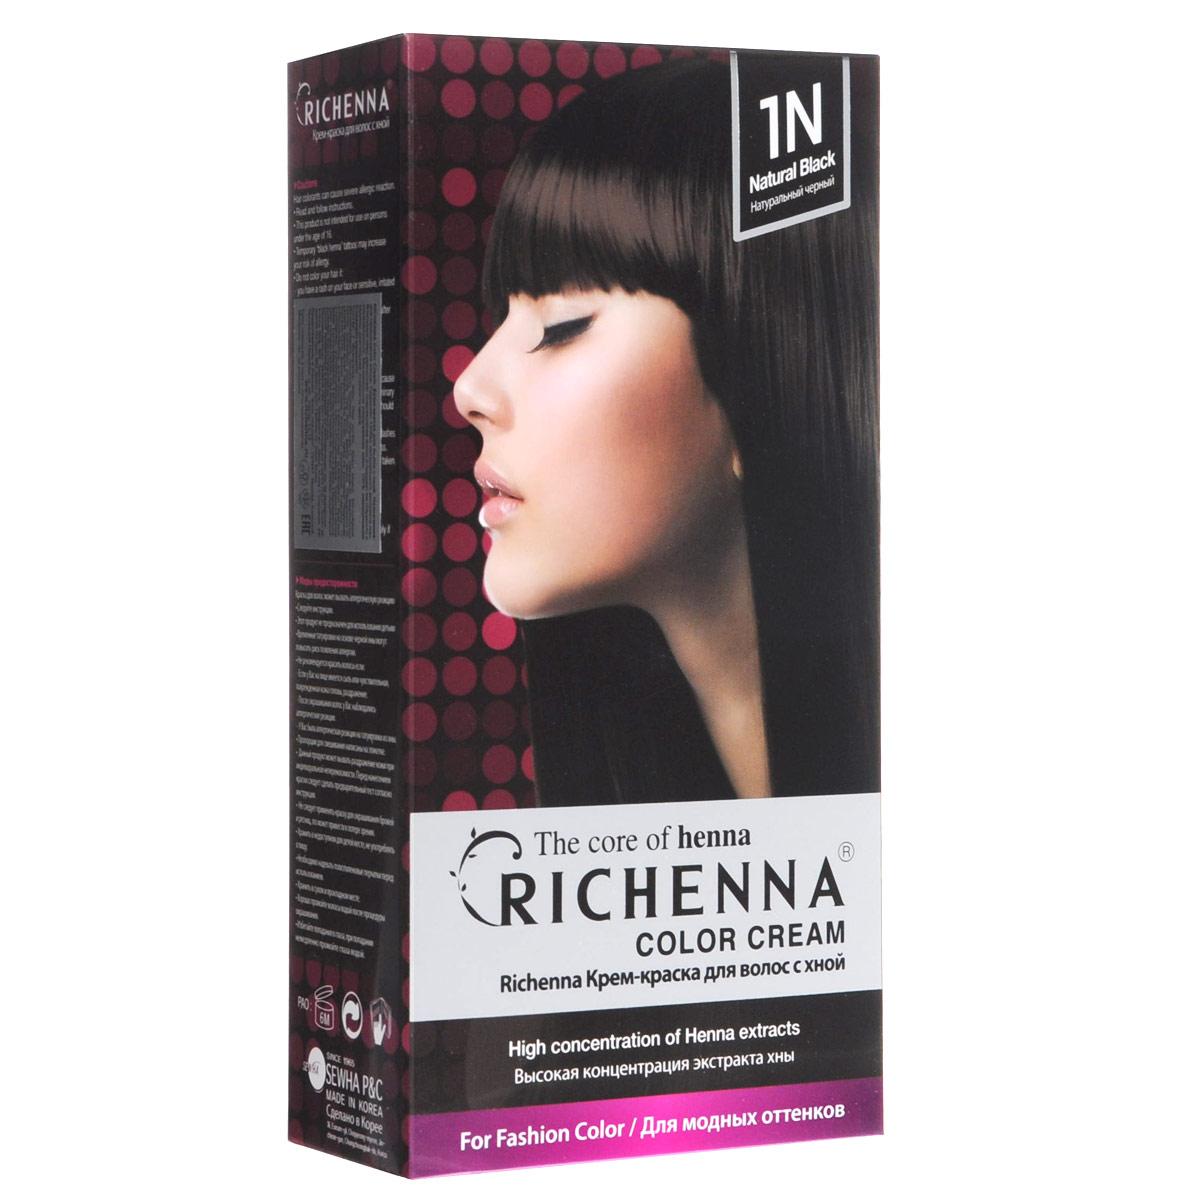 Richenna Крем-краска для волос, с хной, оттенок 1N Натуральный черный29001Крем-краска для волос Richenna с хной позволяет уменьшить повреждение волос, сделать их эластичными и здоровыми, придать волосам живой цвет и красивый блеск. Не раздражая кожу, крем-краска полностью закрашивает седину и обладает приятным цветочным ароматом. Рекомендуется для безопасного изменения цвета волос, полного окрашивания седых волос и в случае повышенной чувствительности к искусственным компонентам краски для волос. Благодаря кремовой текстуре хорошо наносится и не течет. Время окрашивания 20-30 минут. Упаковка средства в 2-х отдельных тубах позволяет использовать средство несколько раз в зависимости от объема и длины волос. Объем крема-краски 60 г, объем крема-окислителя 60 г, объем шампуня с хной 10 мл, объем кондиционера с хной 7 мл. В комплекте: 1 тюбик с крем-краской, 1 тюбик с крем-окислителем, пакетик с шампунем, пакетик с кондиционером, 1 пара перчаток, накидка, пластиковая тара, расческа-кисточка для нанесения и распределения крем-краски и инструкция по применению. Товар сертифицирован.